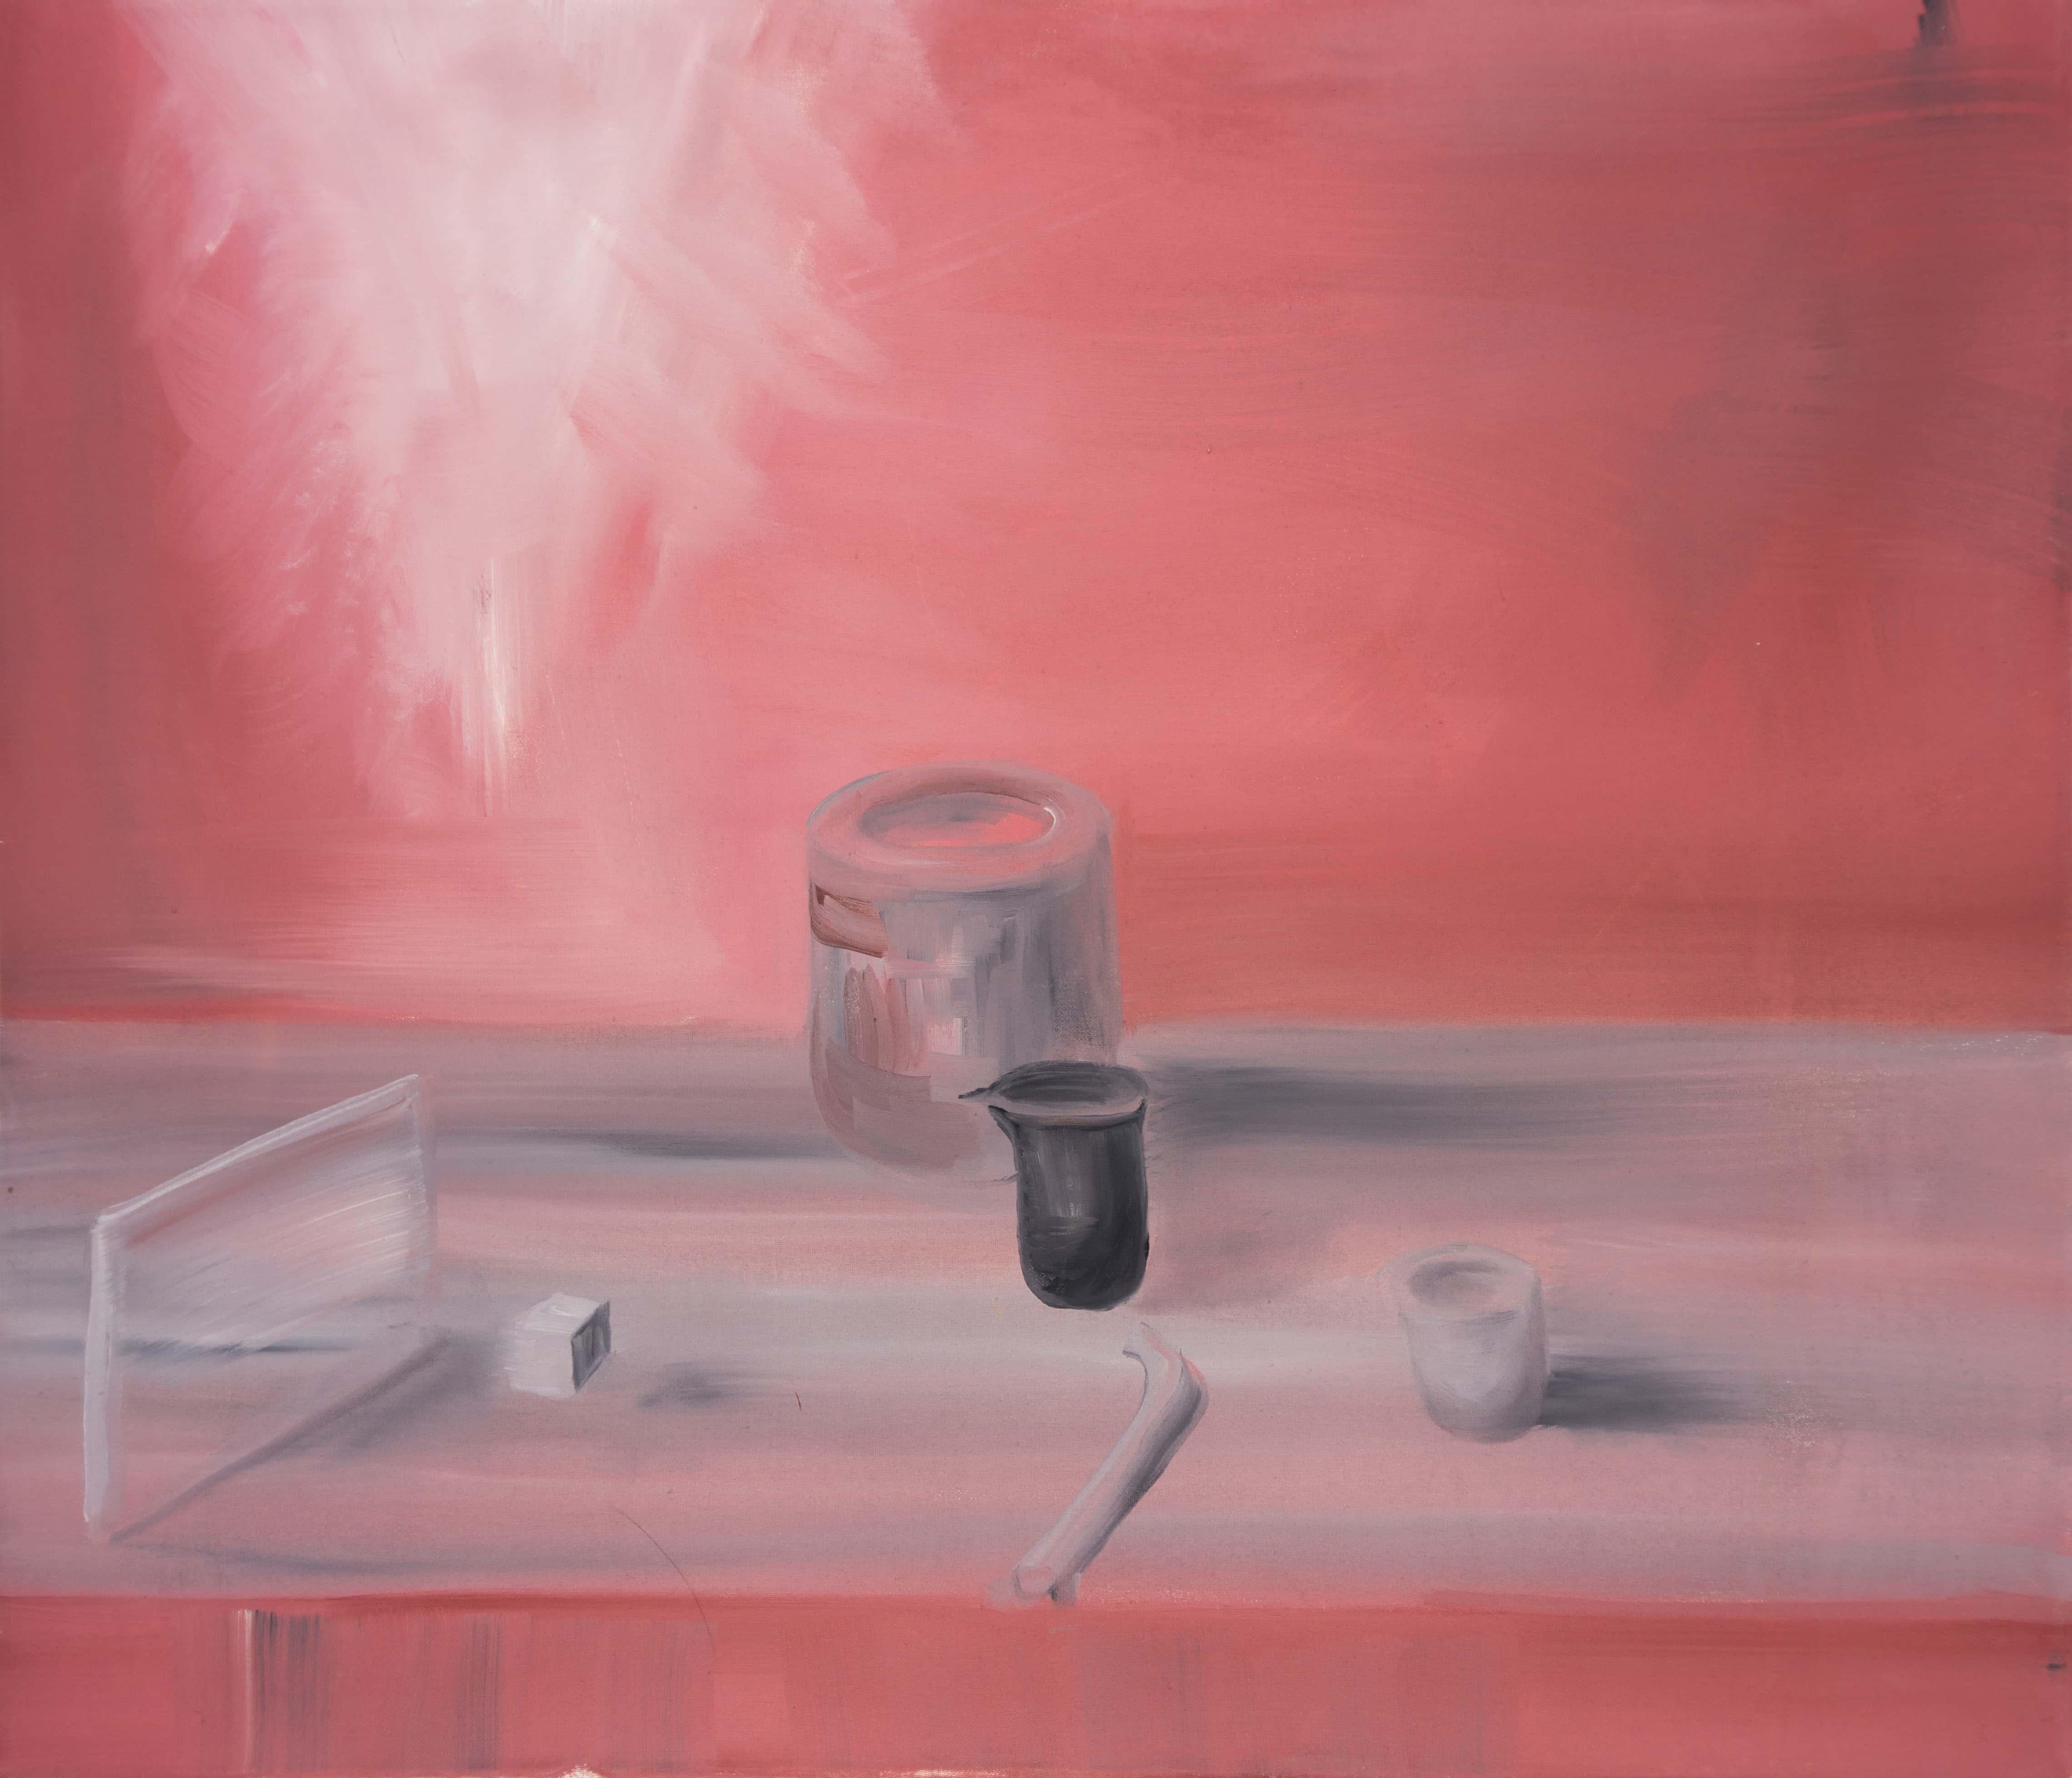 Malerei, Öl auf Leinwand, 70cm x 60cm, Stilleben vor rotem Hintergrund, artist: Franziska King